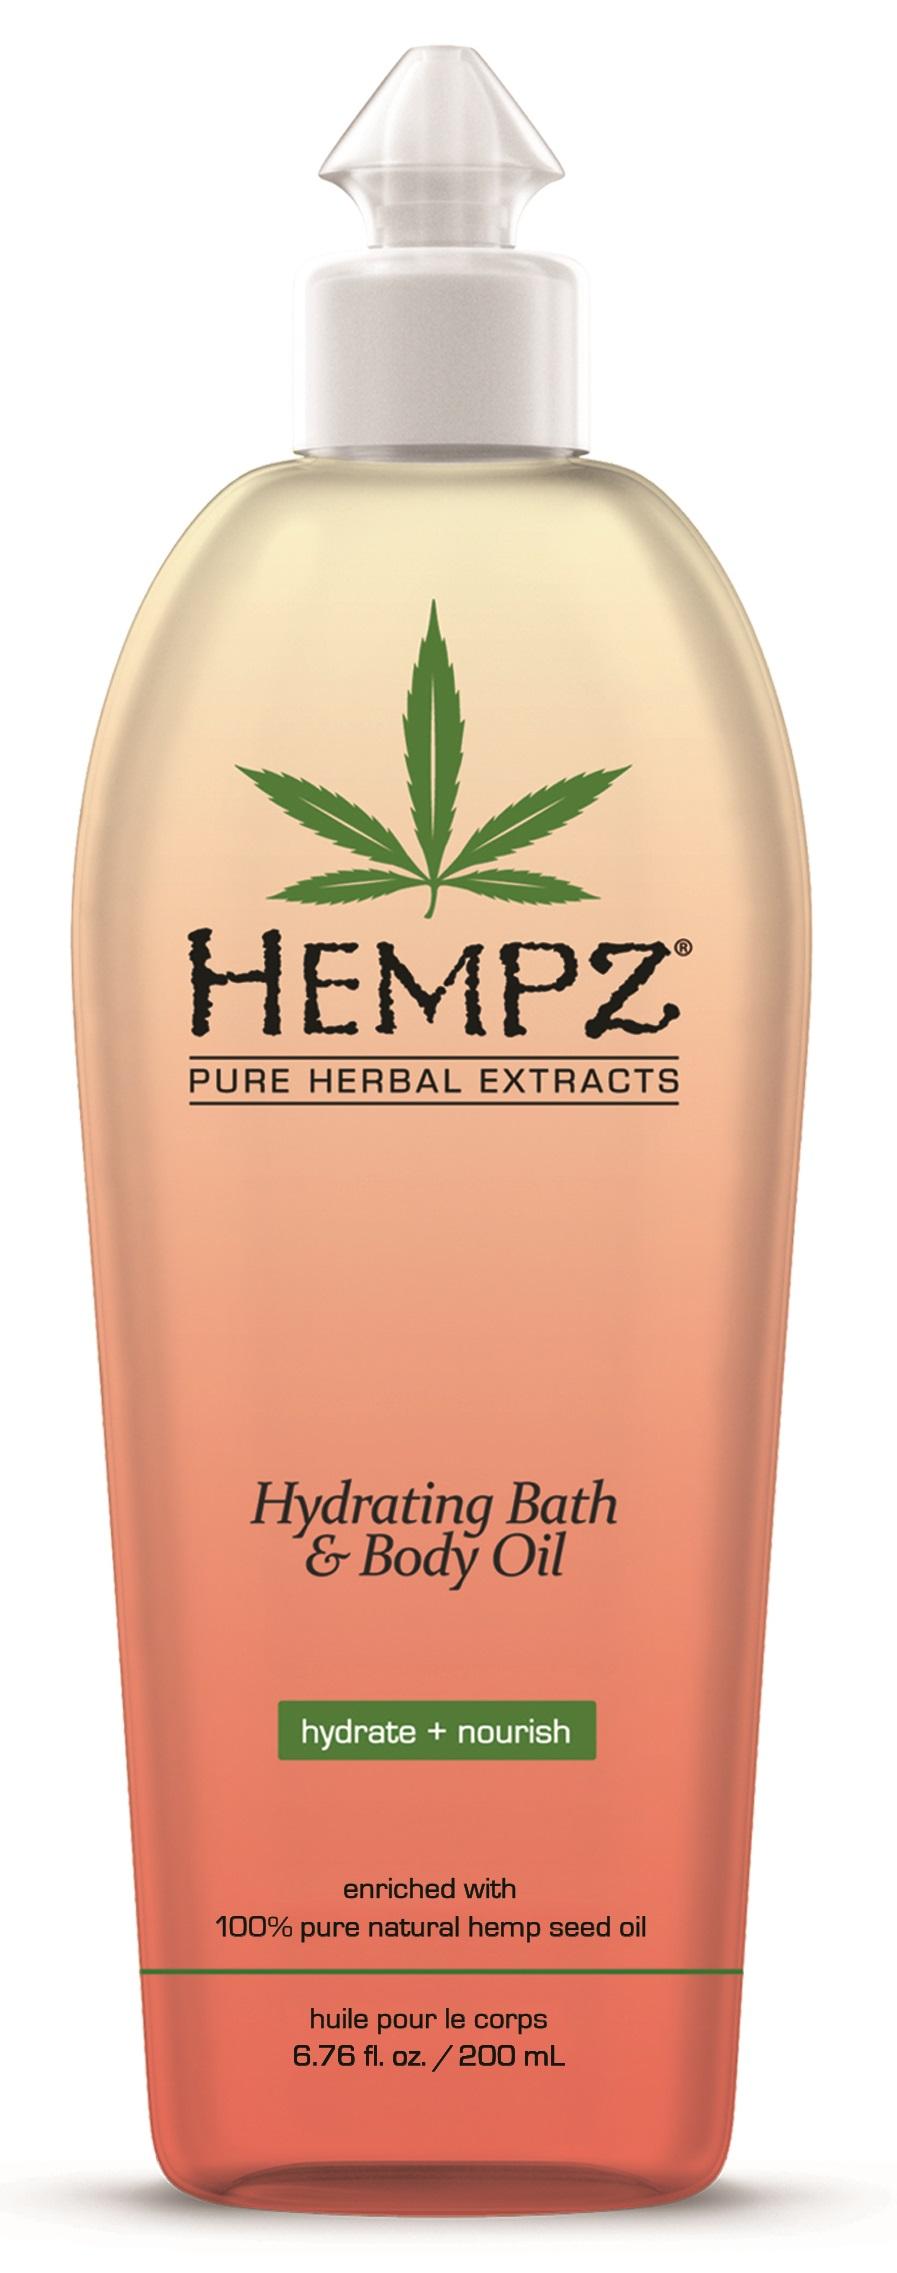 Image of Hydrating Bath & Body Oil 200ml